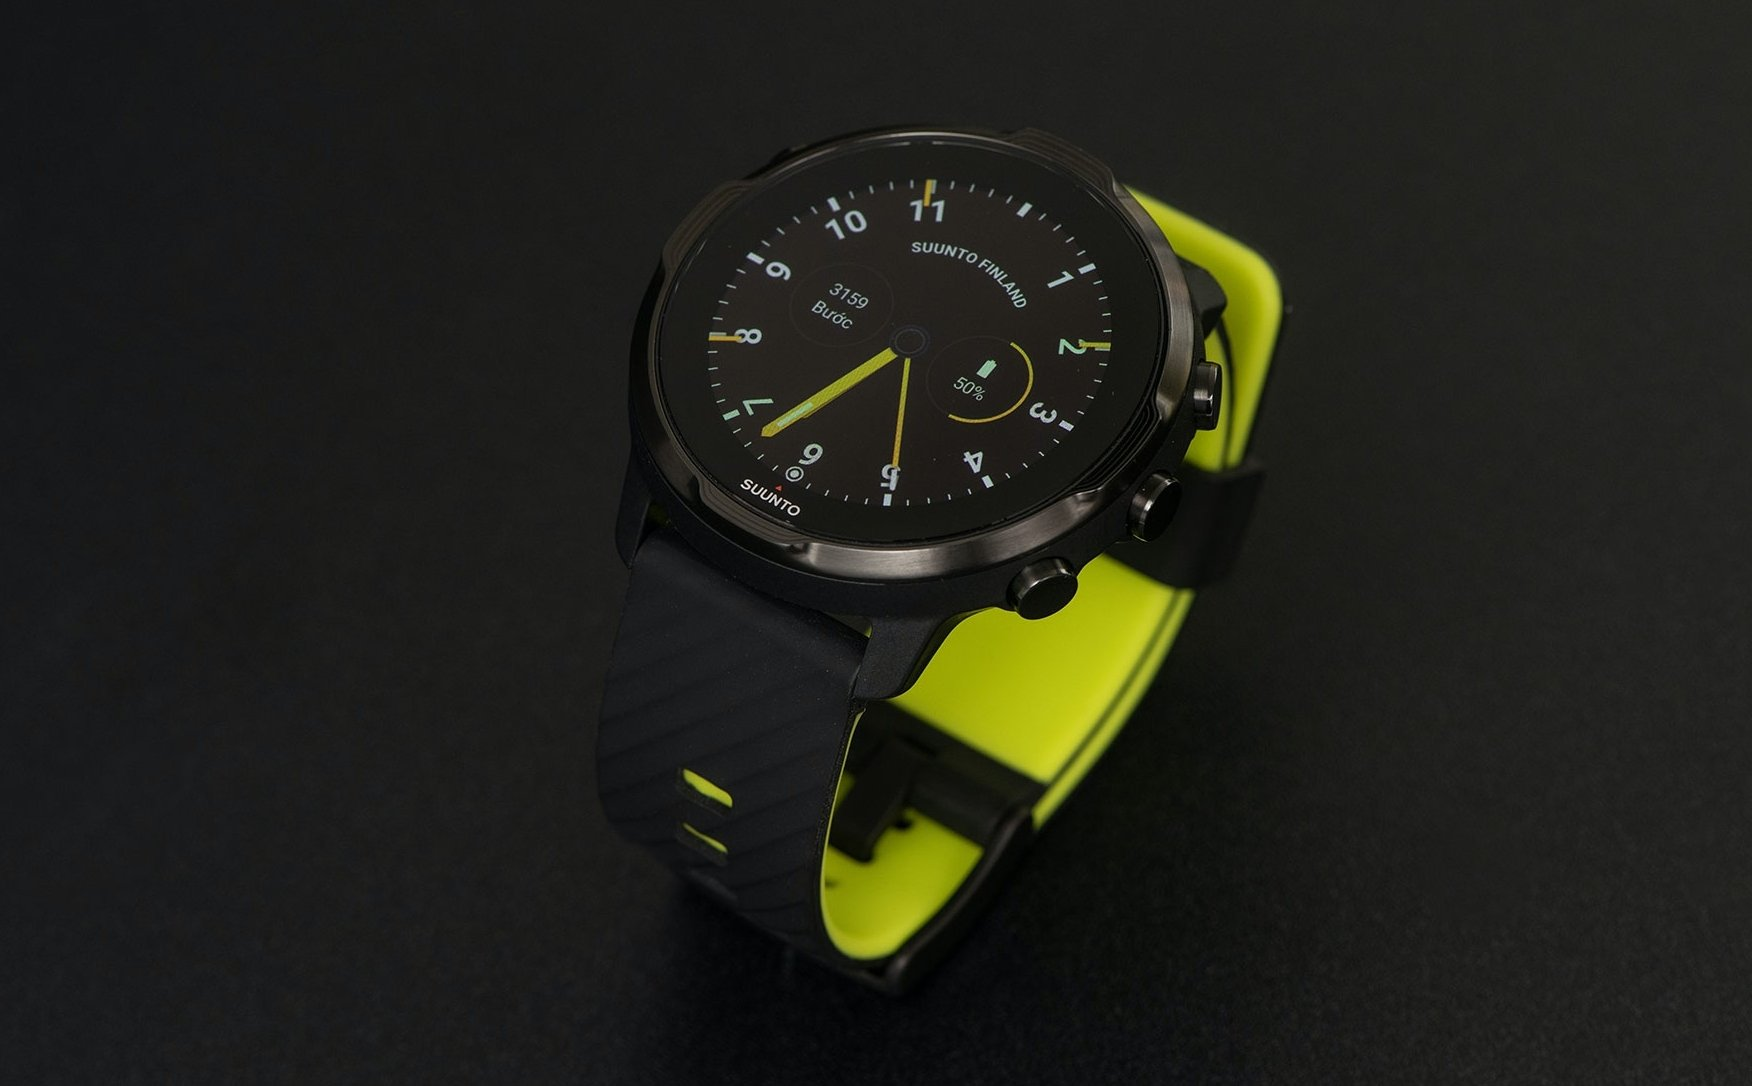 Đánh giá đồng hồ thông minh Suunto bạn cần biết